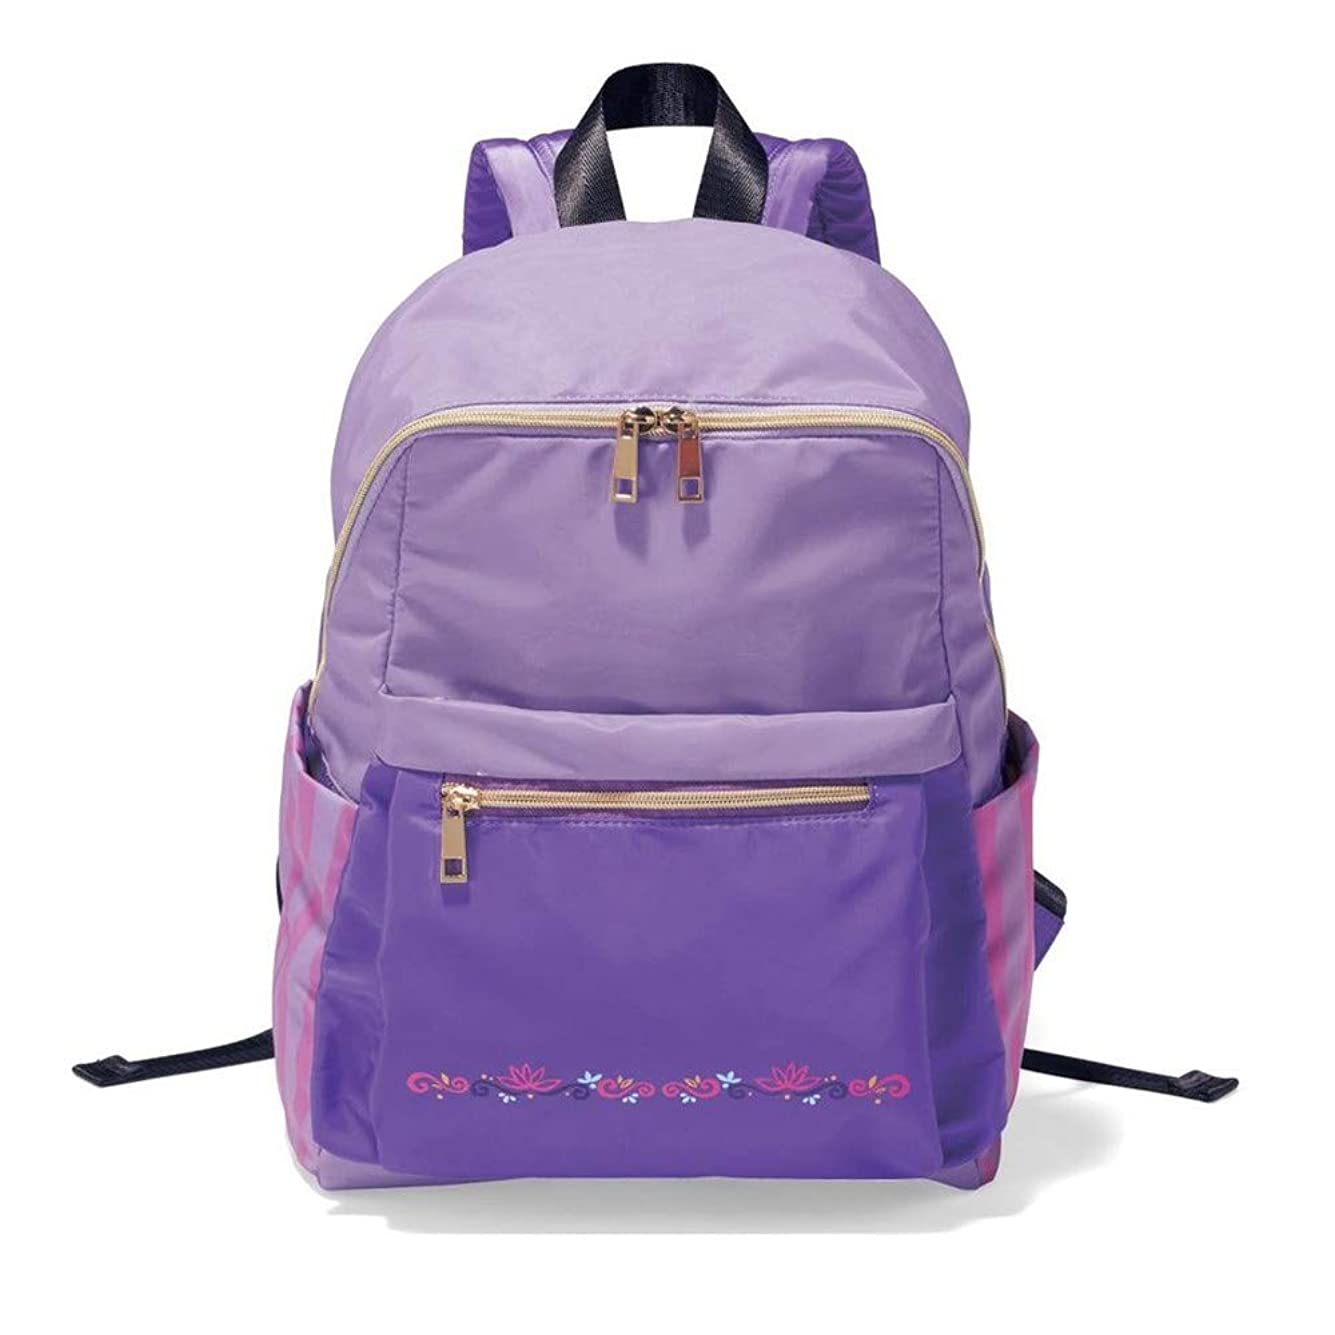 コンピューターを使用するストロークミキサー[ベルメゾン]ディズニー バッグ カバン 鞄 レディース リュック コンパクトリュックサック カラー ラプンツェル ライトパープル系